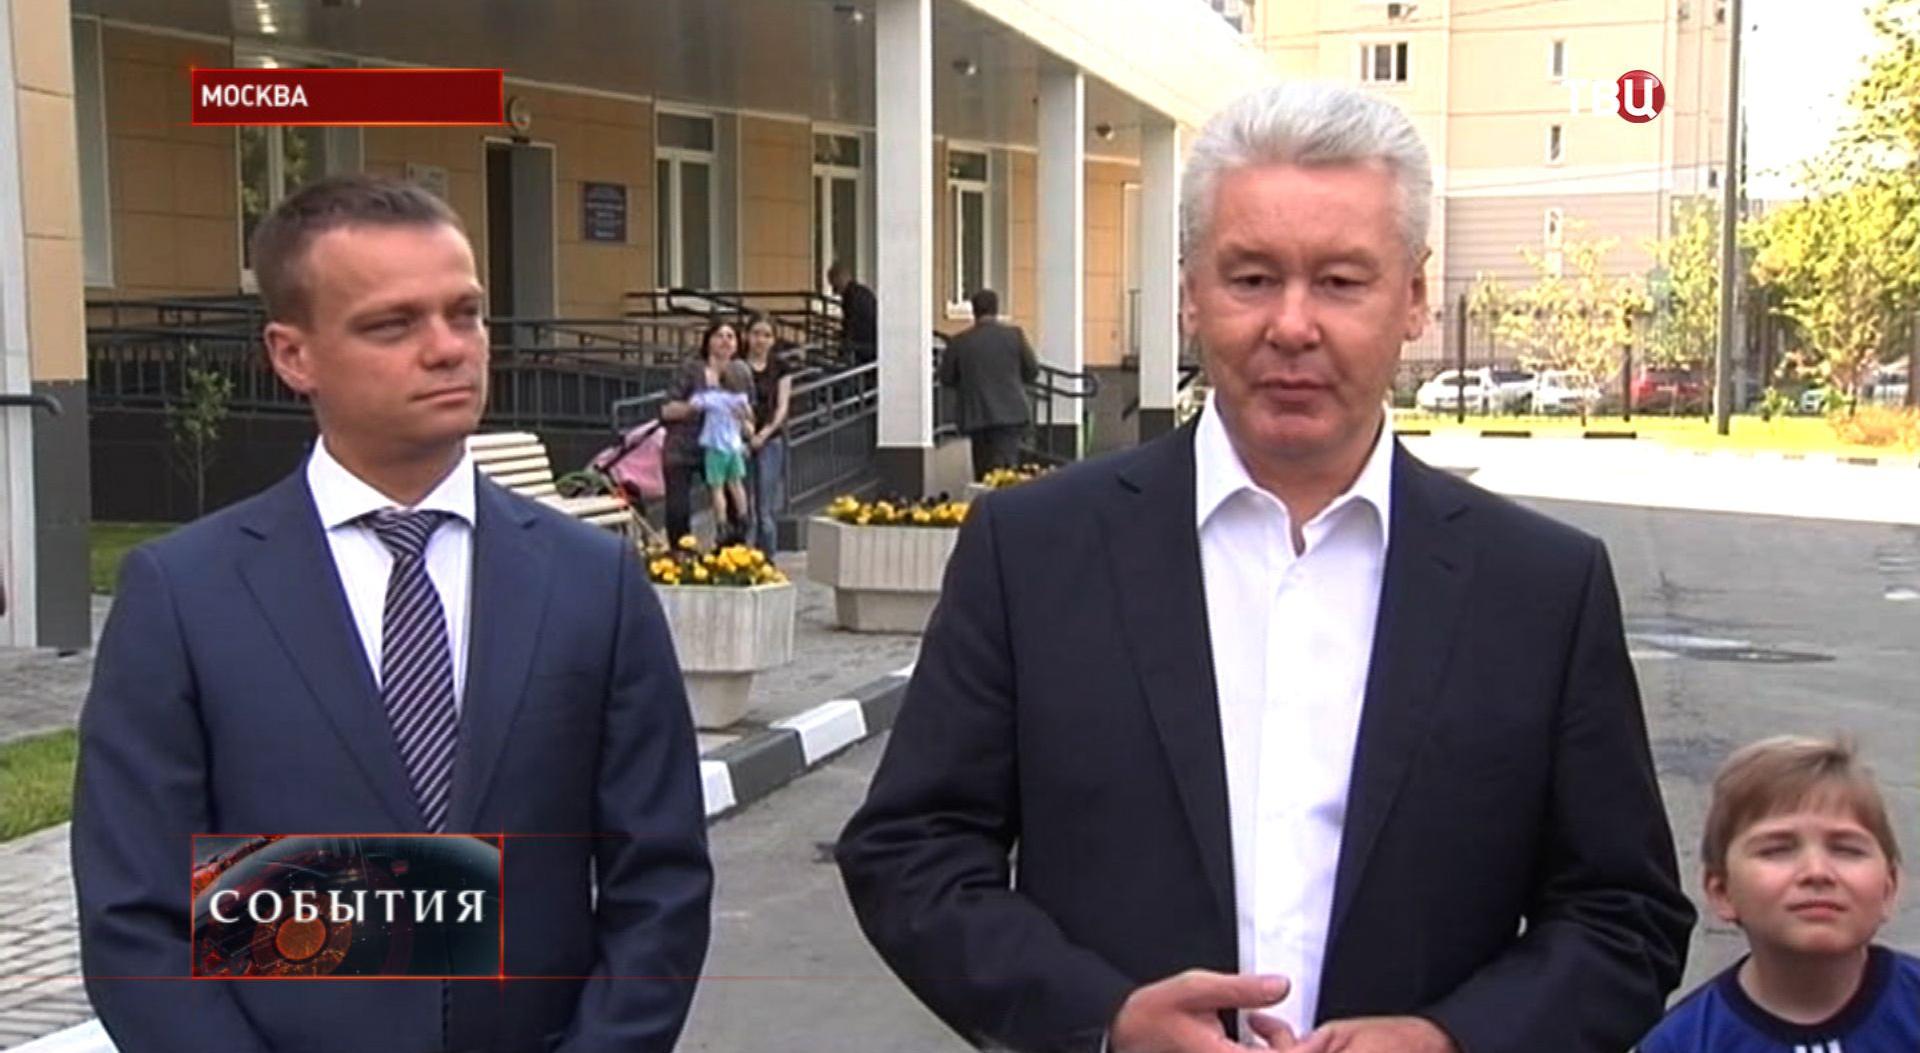 Сергей Собянин осматривает новую поликлинику в ЮВАО